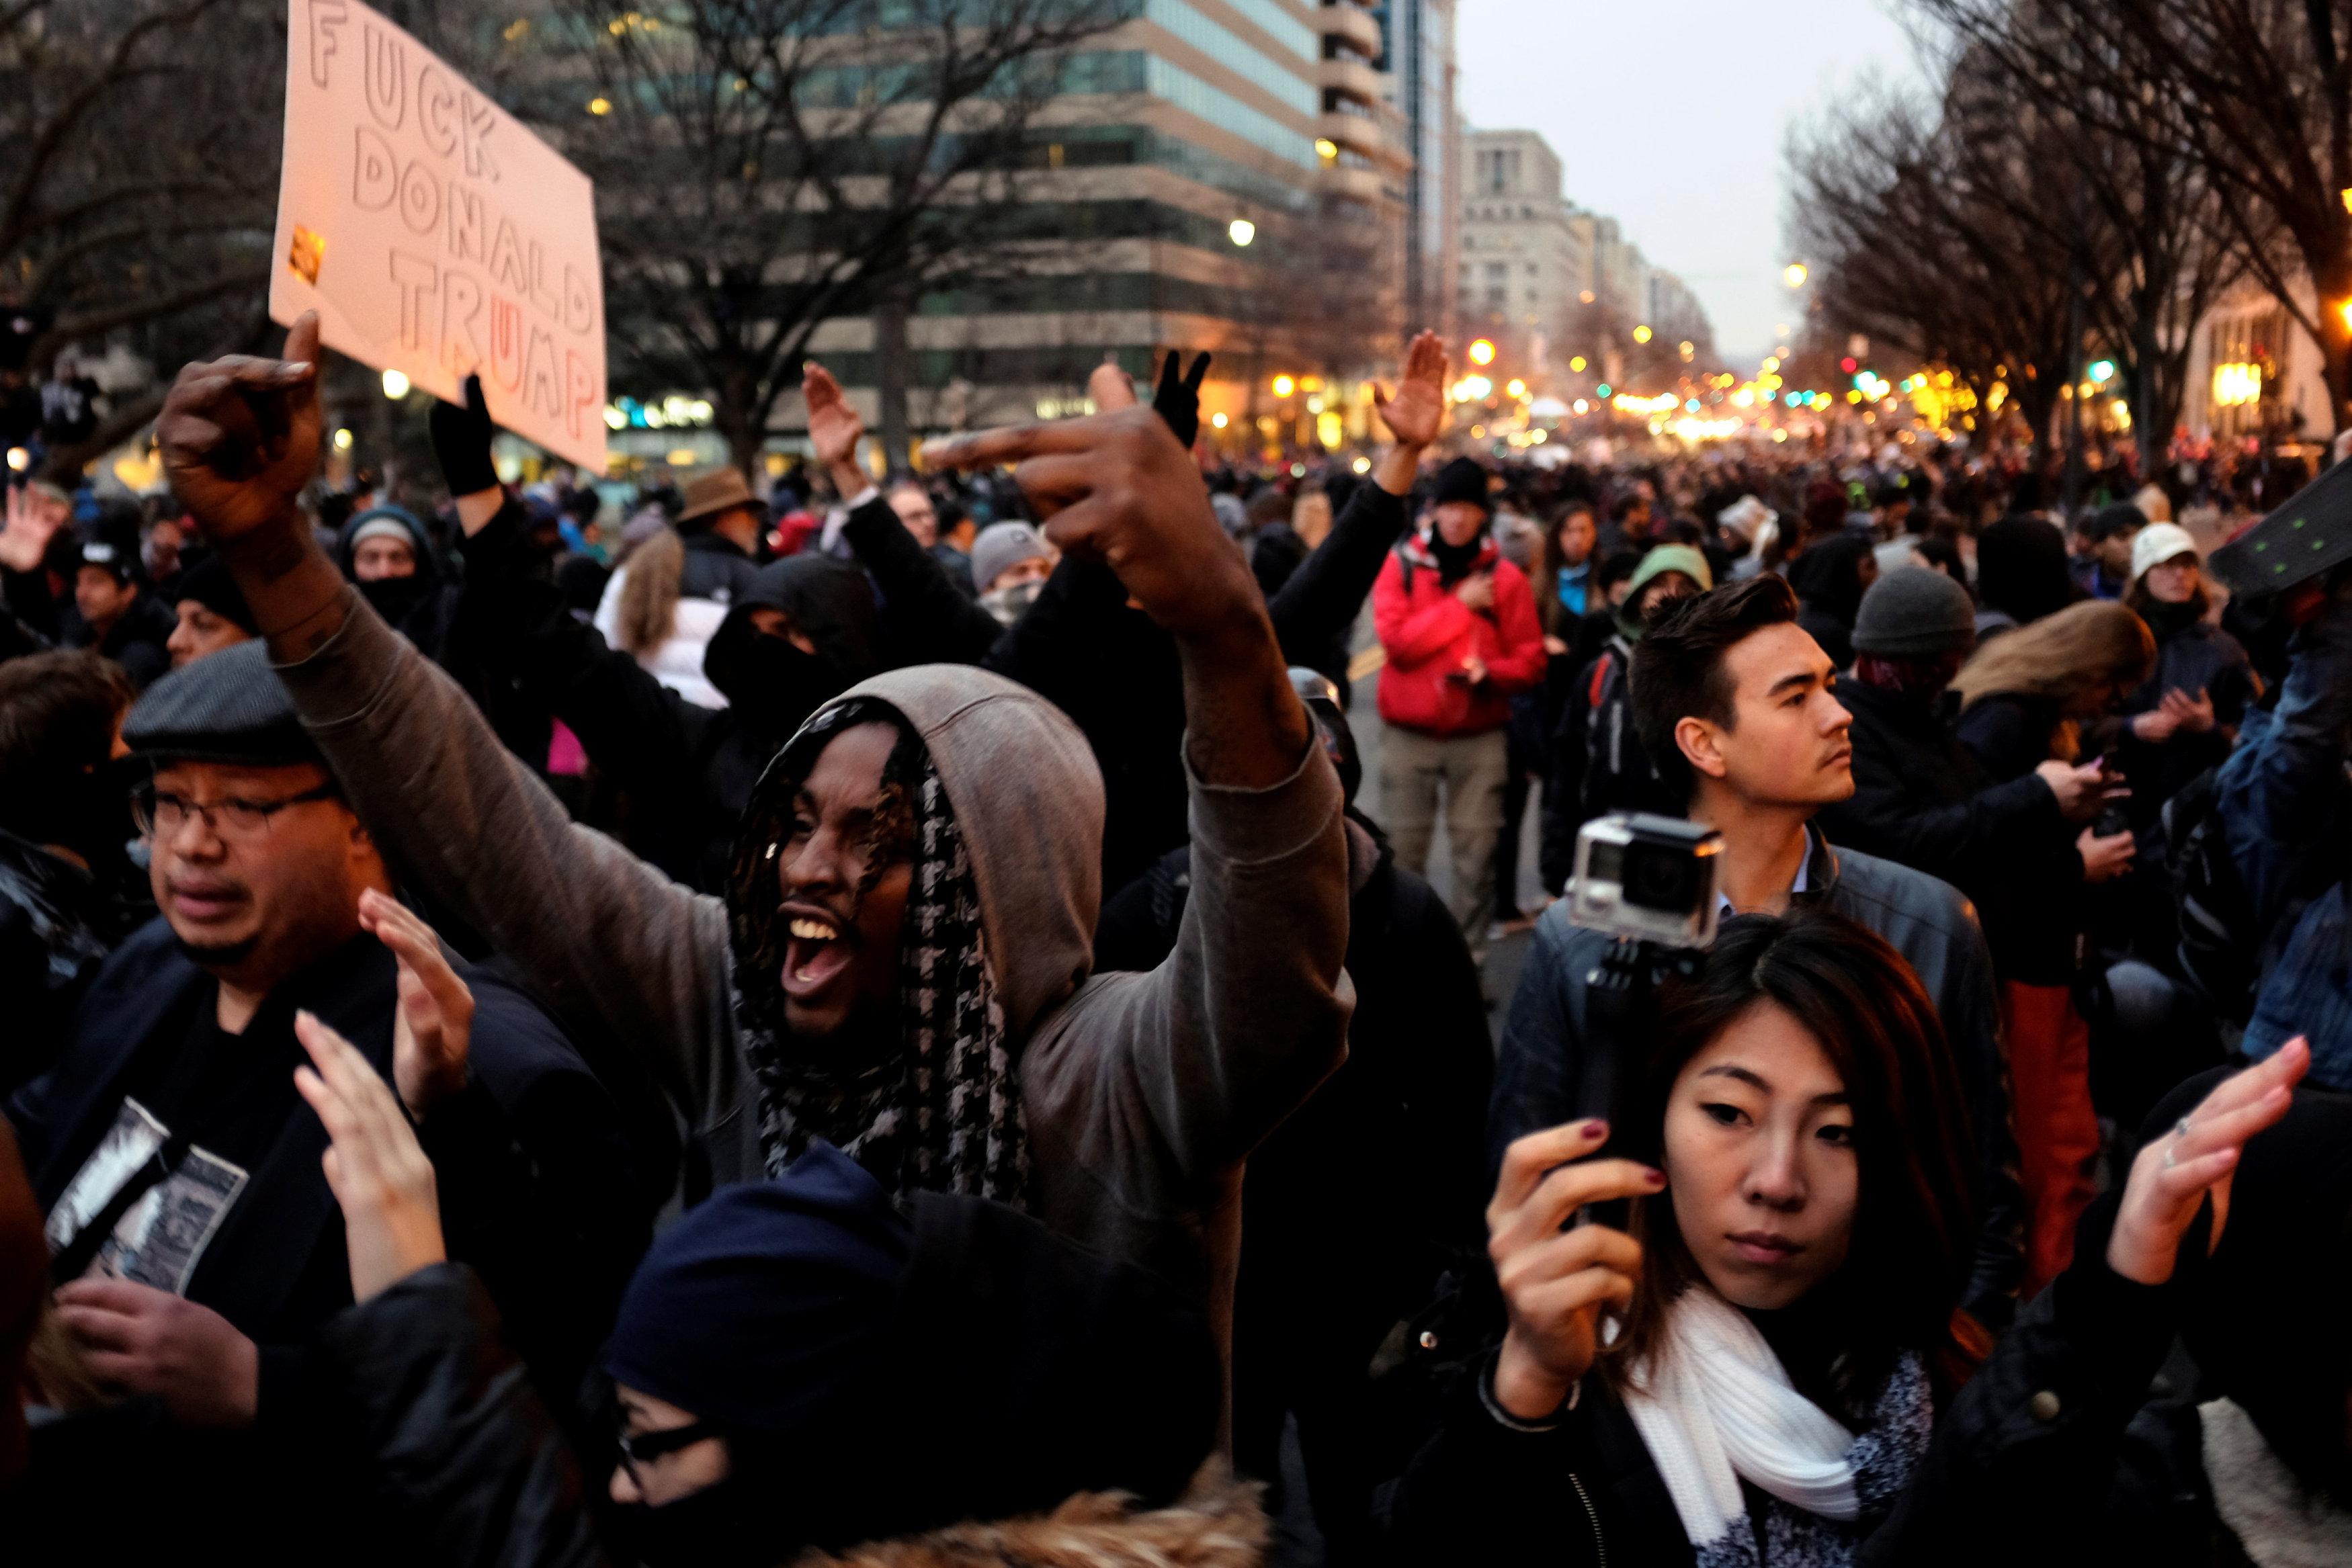 Картинки по запросу Свобода слова. Участникам беспорядков в Вашингтоне грозит до 10 лет